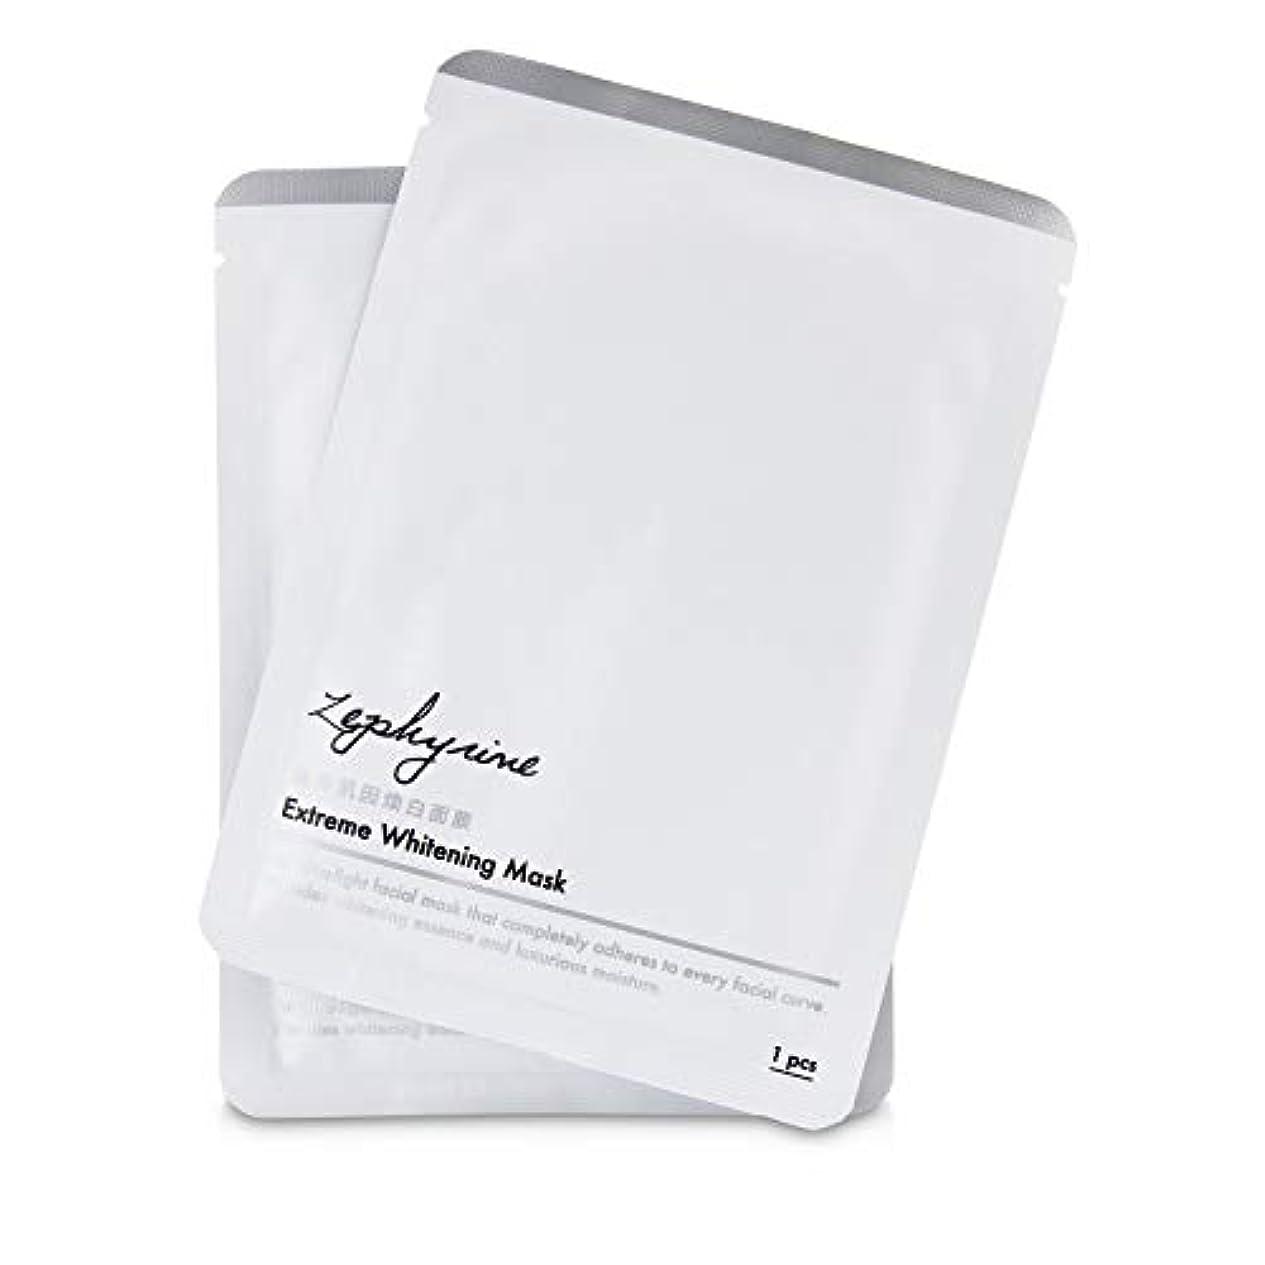 ビジョン健康適性Zephyrine Extreme Whitening Mask 3pcs並行輸入品